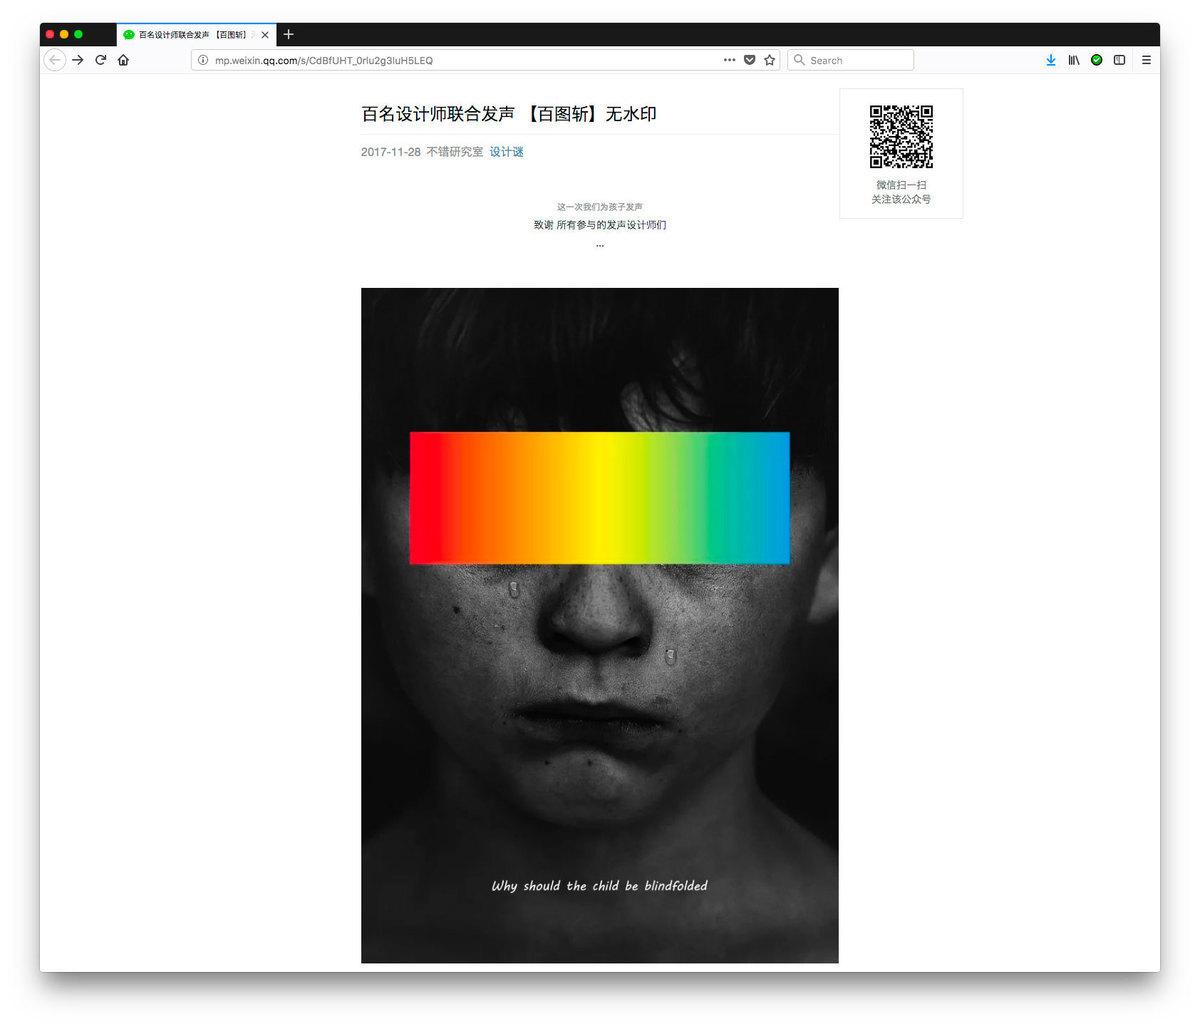 上載了百張海報圖片的微信頁面(現已被刪)。(網頁擷圖)